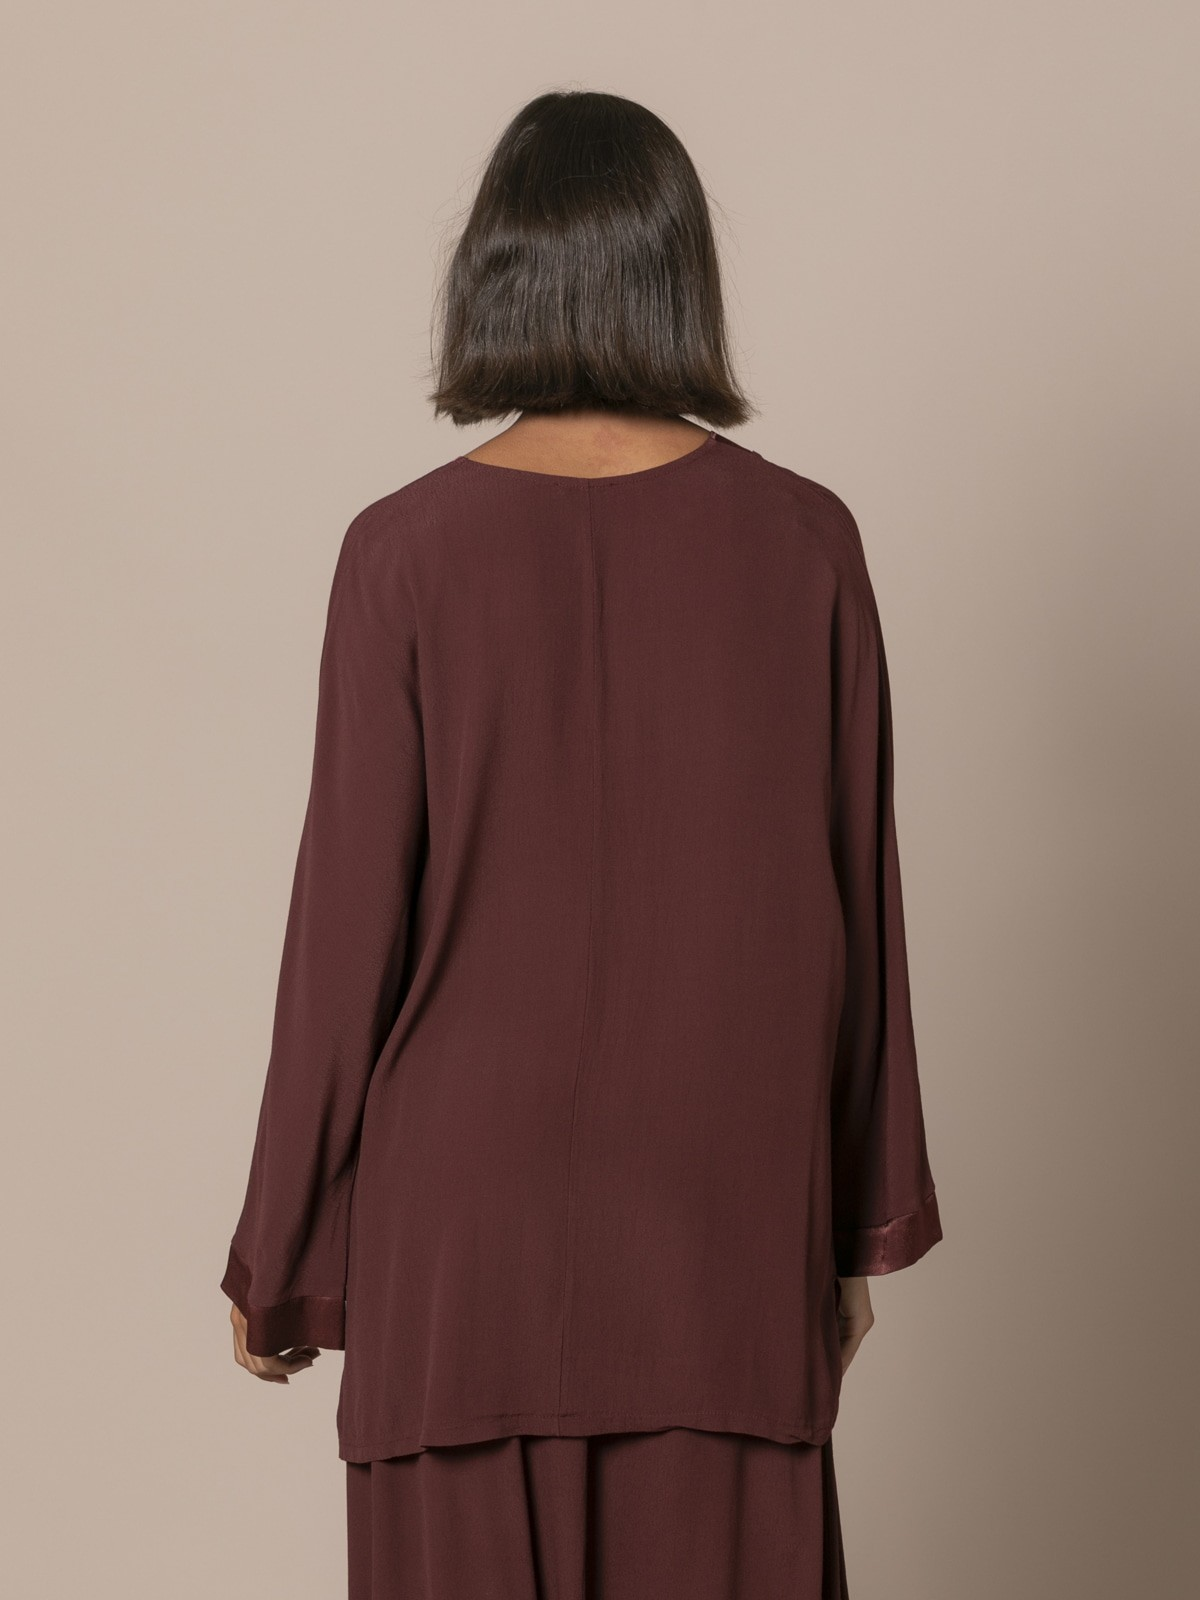 Camisola oversize cuello pico Granate